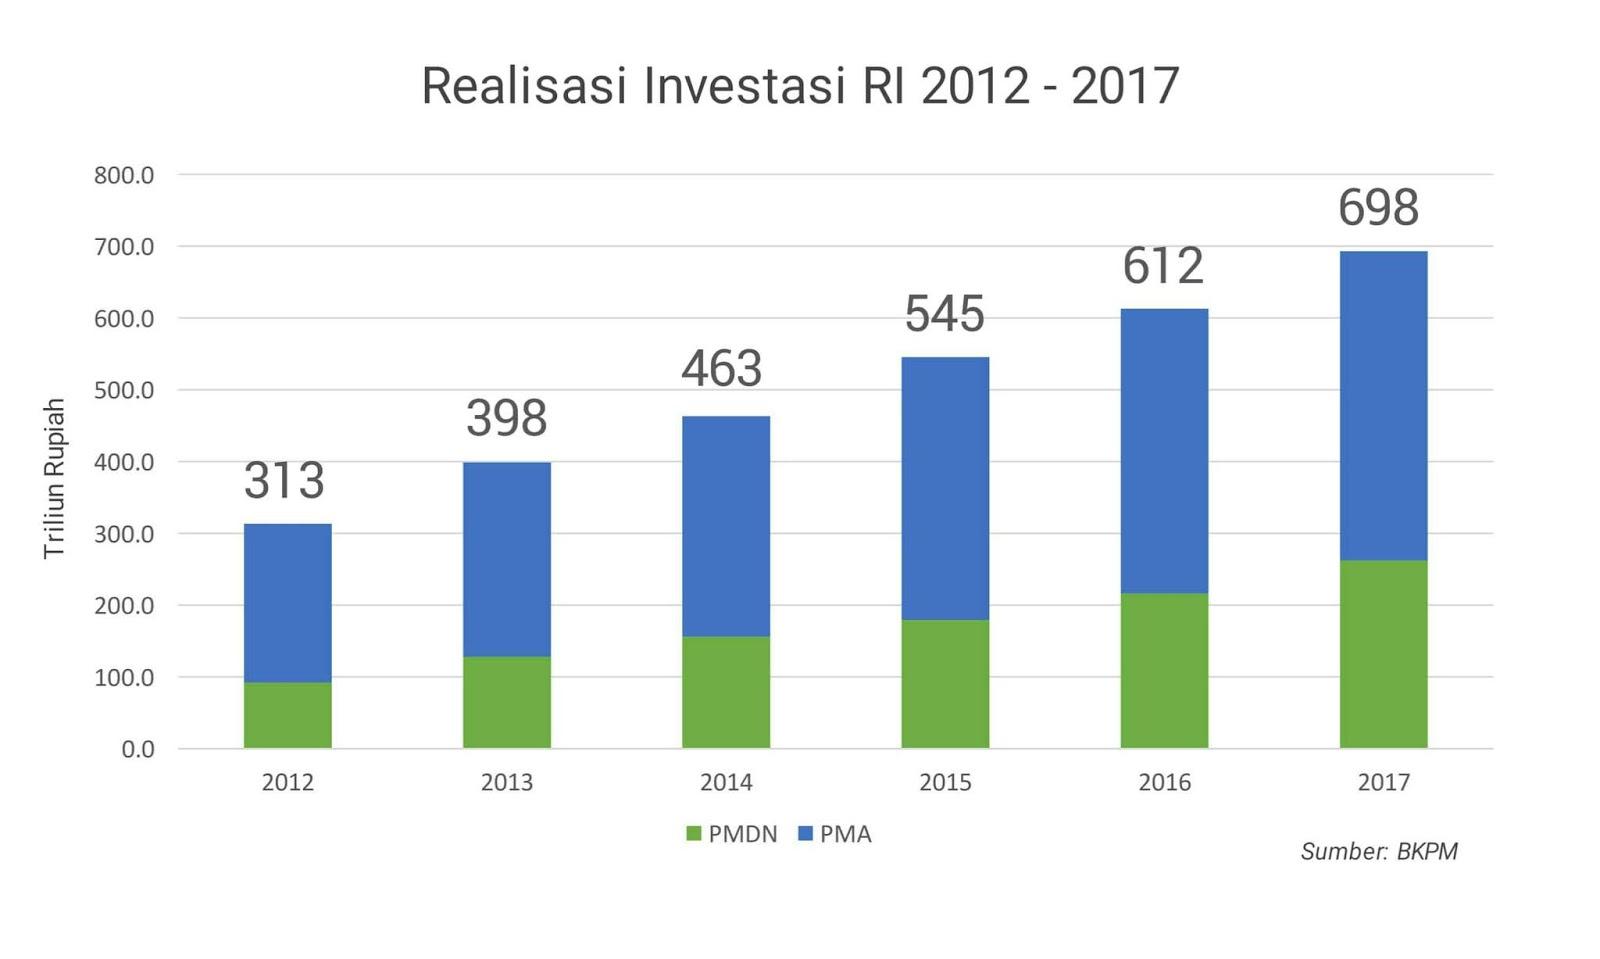 realisasi investasi Indonesia 2012-2017 menurut BKPM